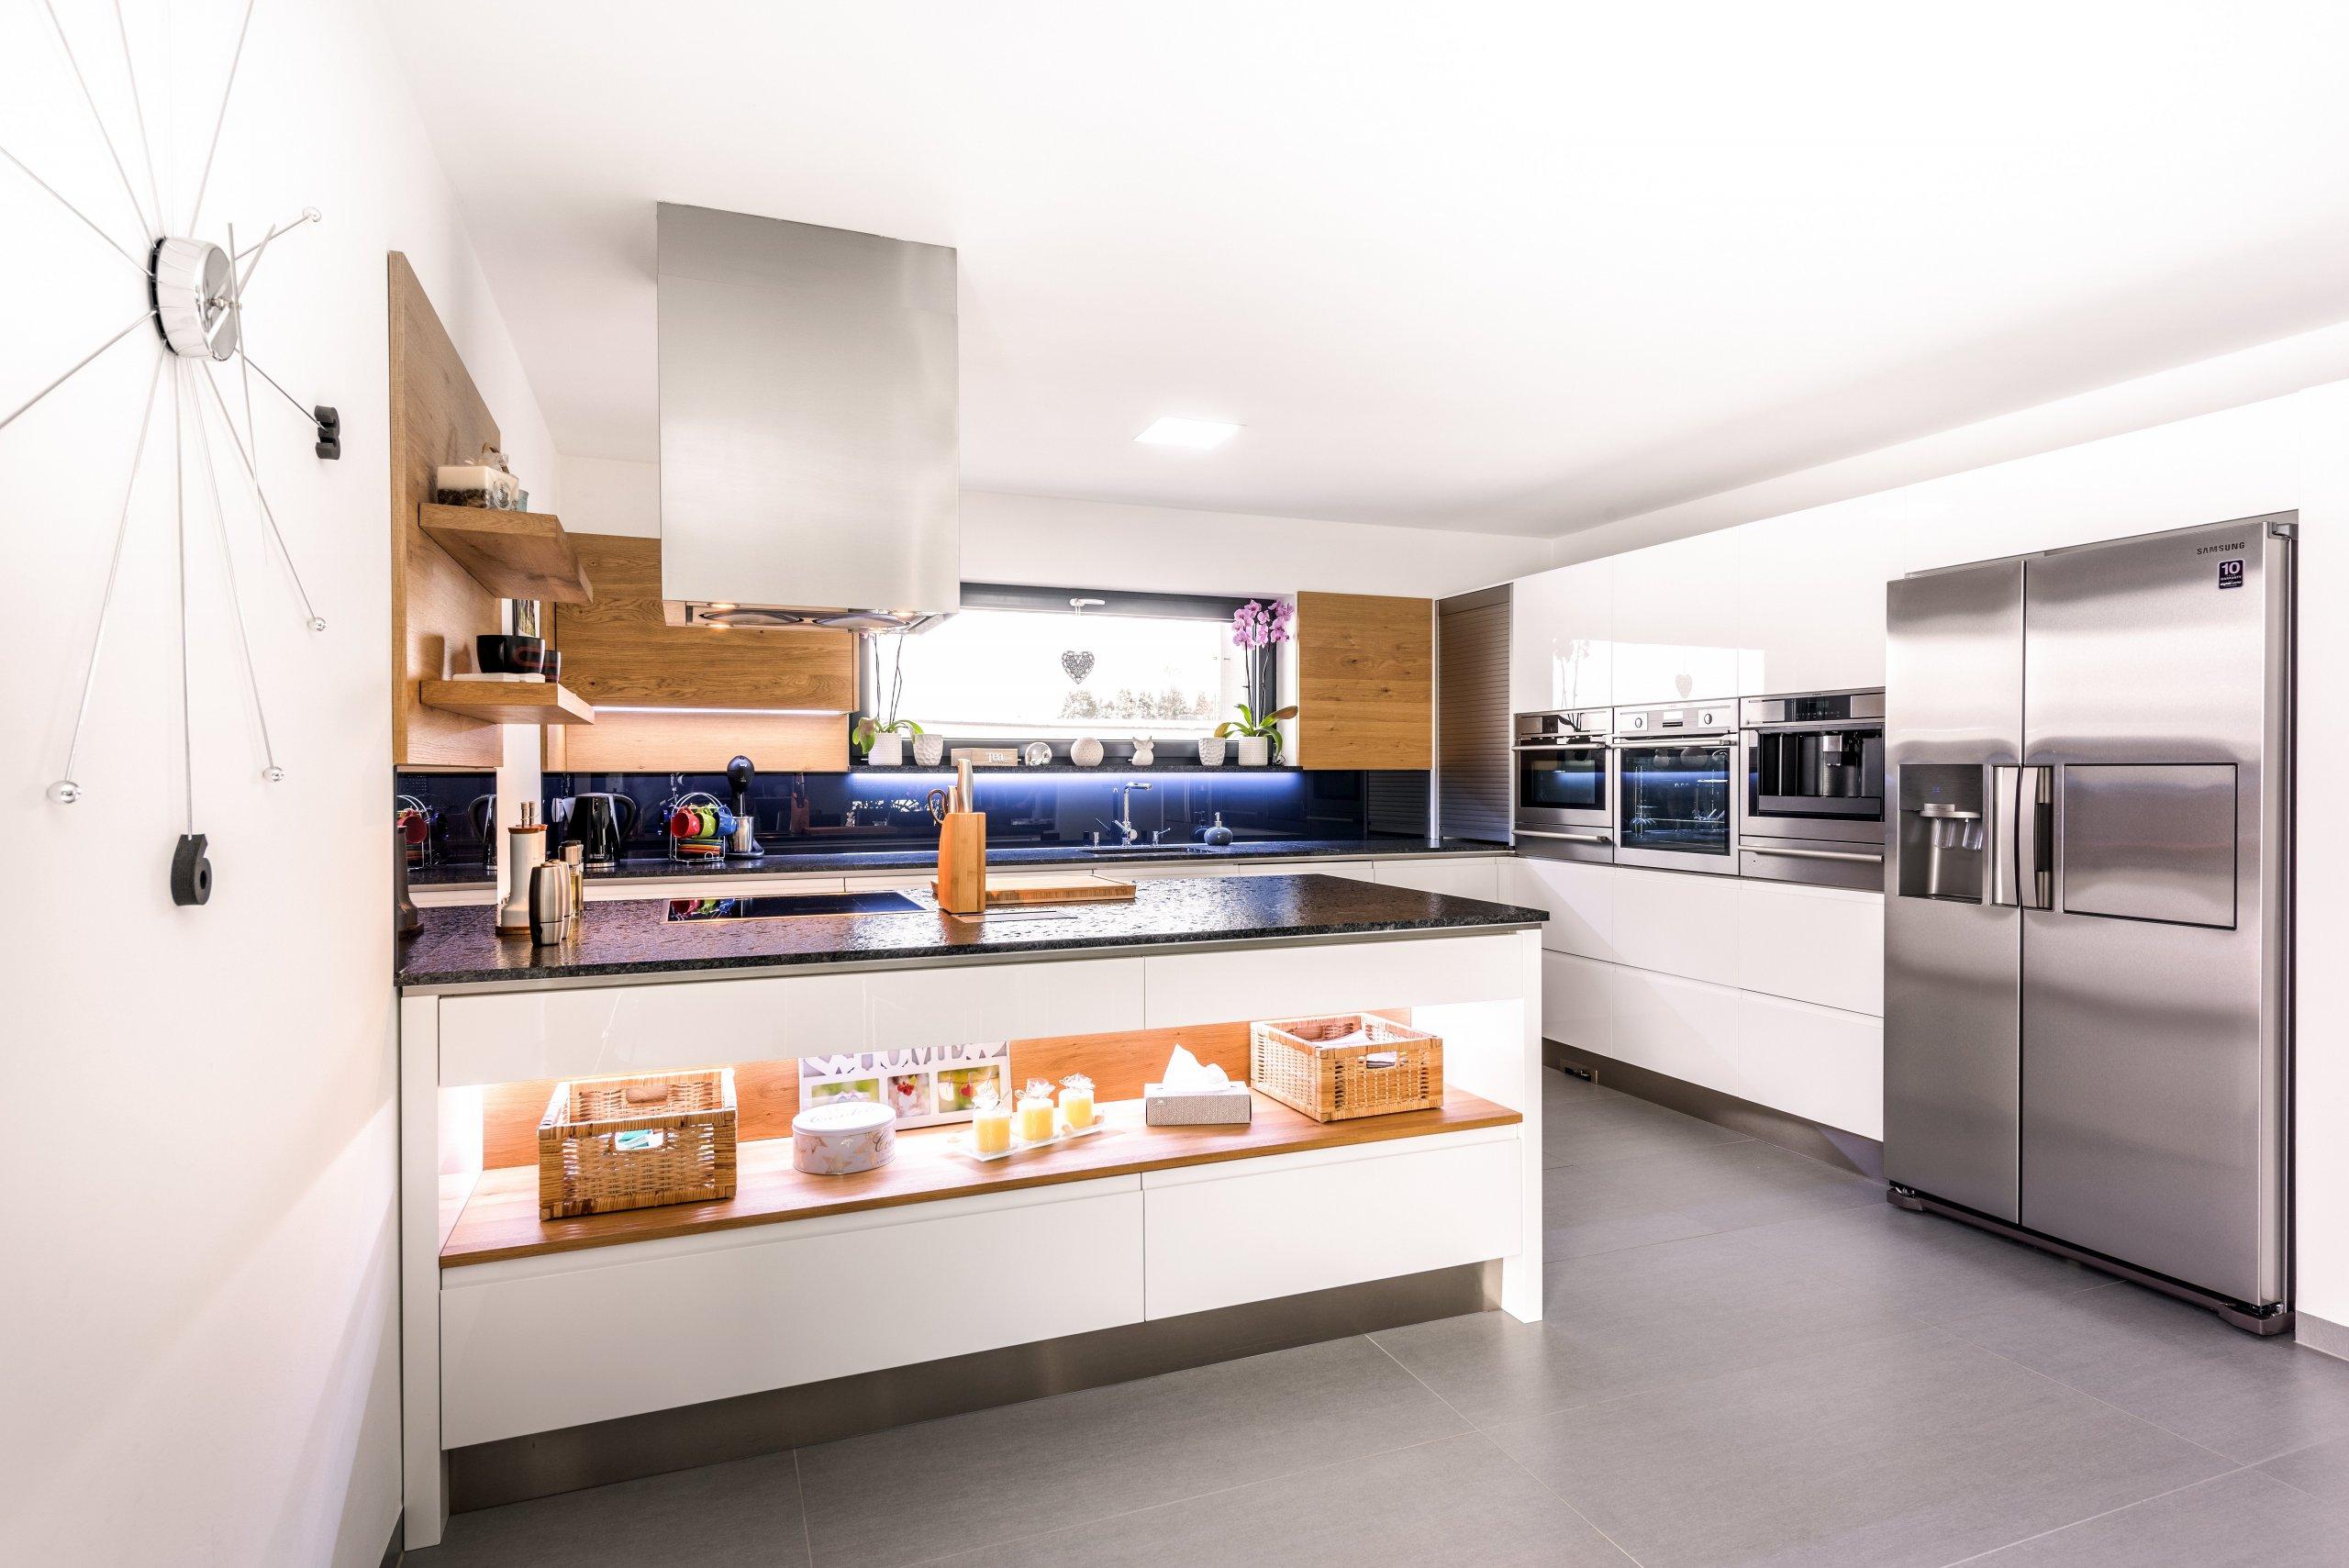 Kuchyně Purerozzaří i váš dům. Trojkombinace trouby, mikrovlnky a kávovaru v ideální obslužné výšce. Dvoukřídlá americká lednička přímo po ruce.&nbsp…